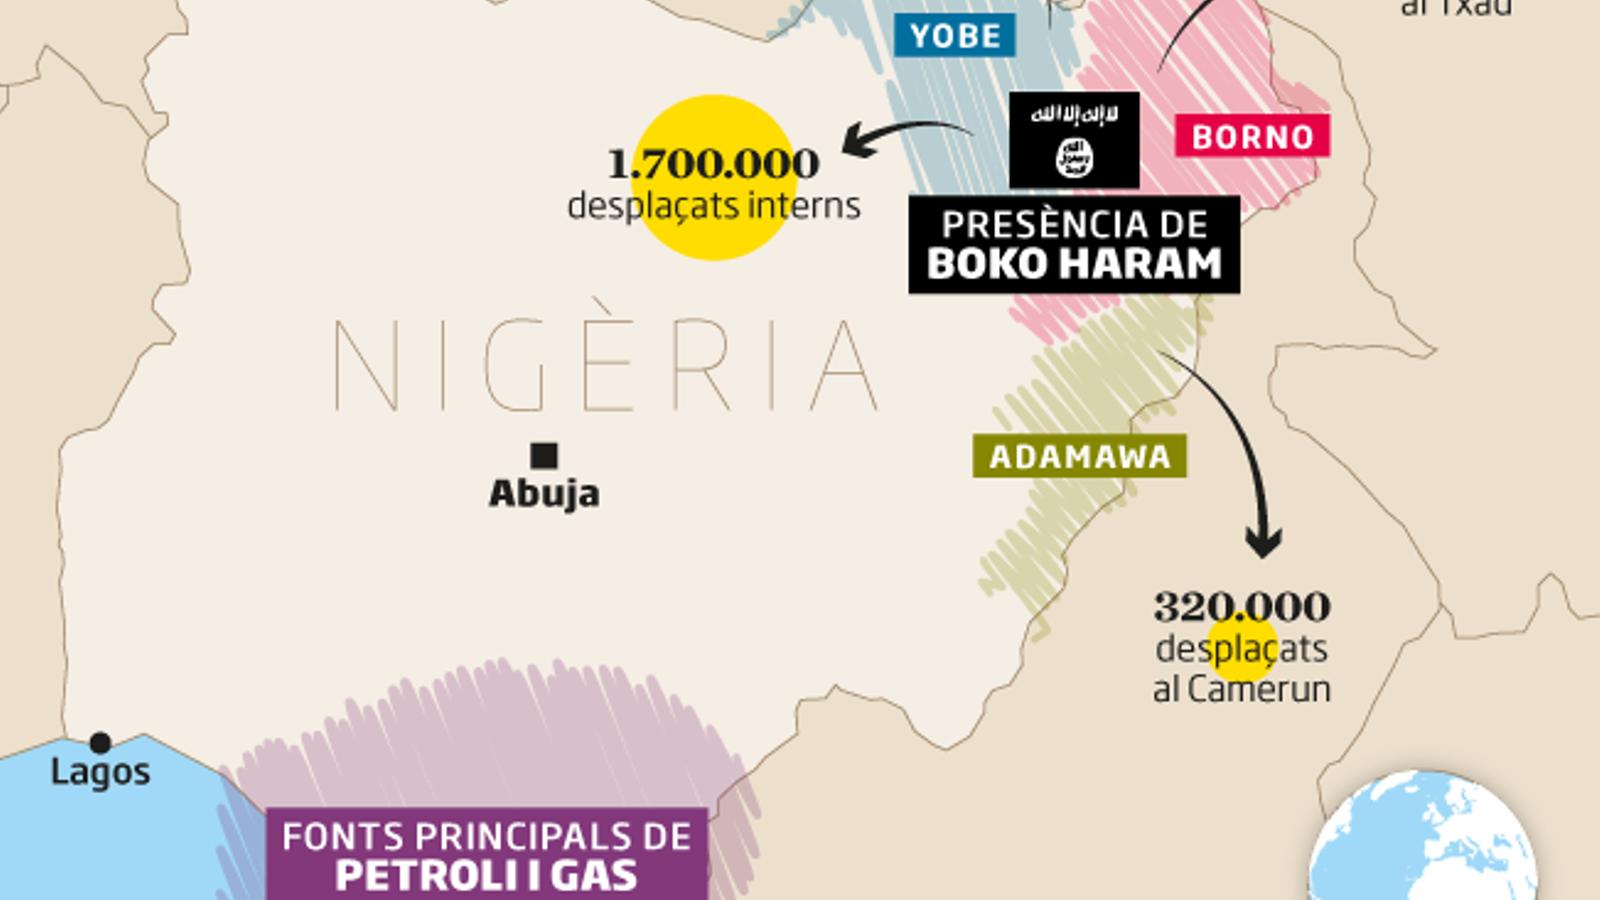 El gran motor de l'Àfrica vota